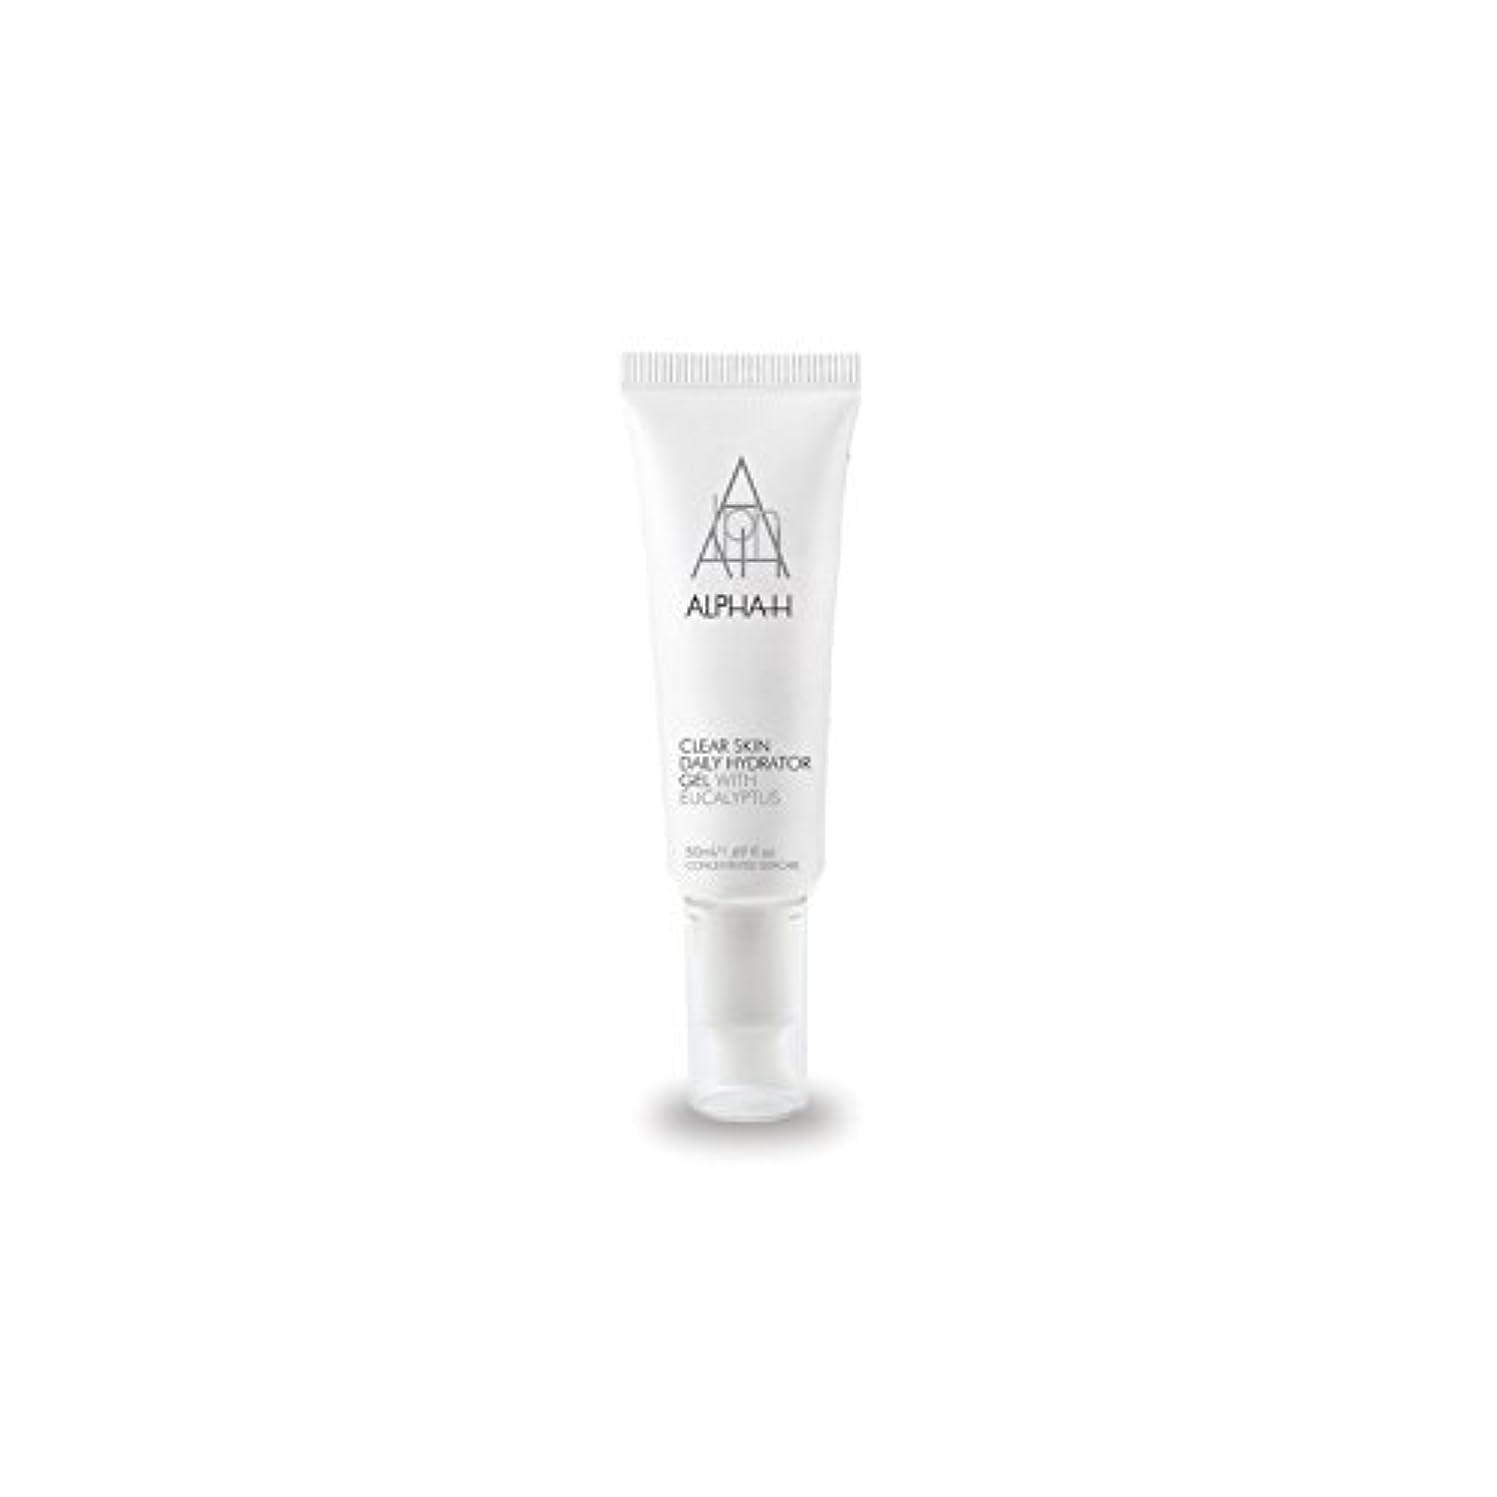 嫌いすり減るアルファクリア皮膚毎日ハイドレーターゲル(50)中 x4 - Alpha-H Clear Skin Daily Hydrator Gel (50ml) (Pack of 4) [並行輸入品]